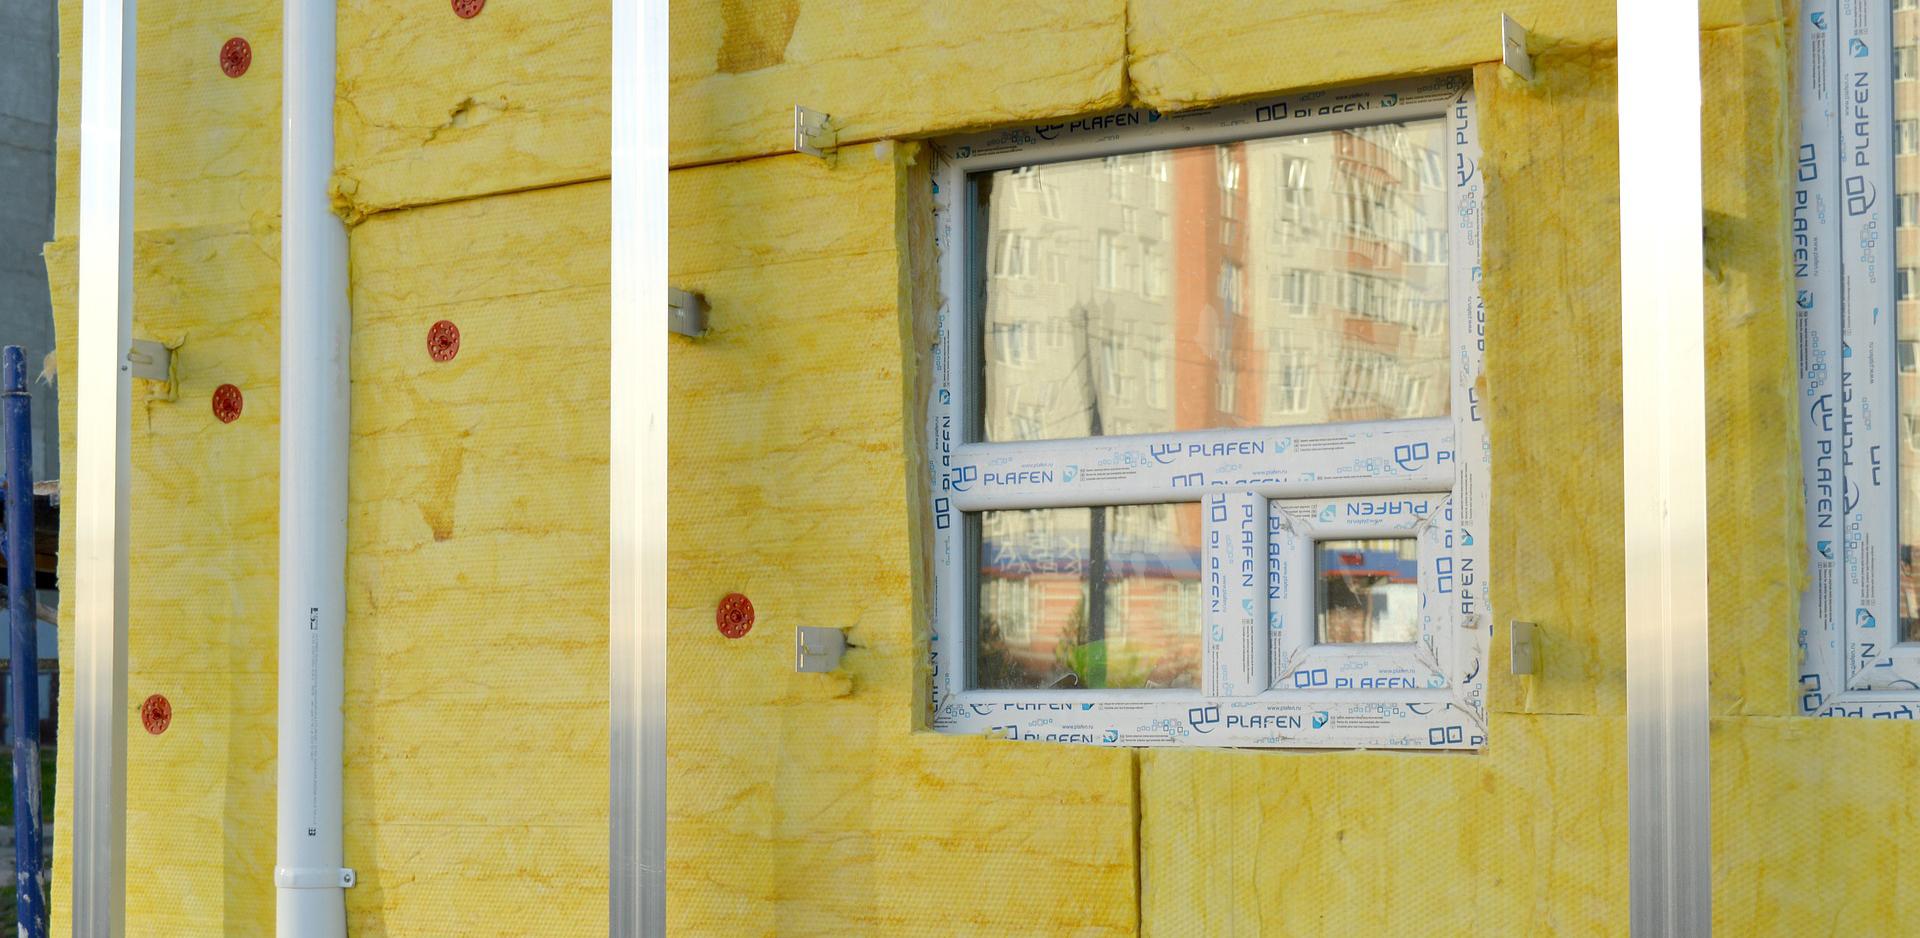 Dämmung an einer Hausfassade